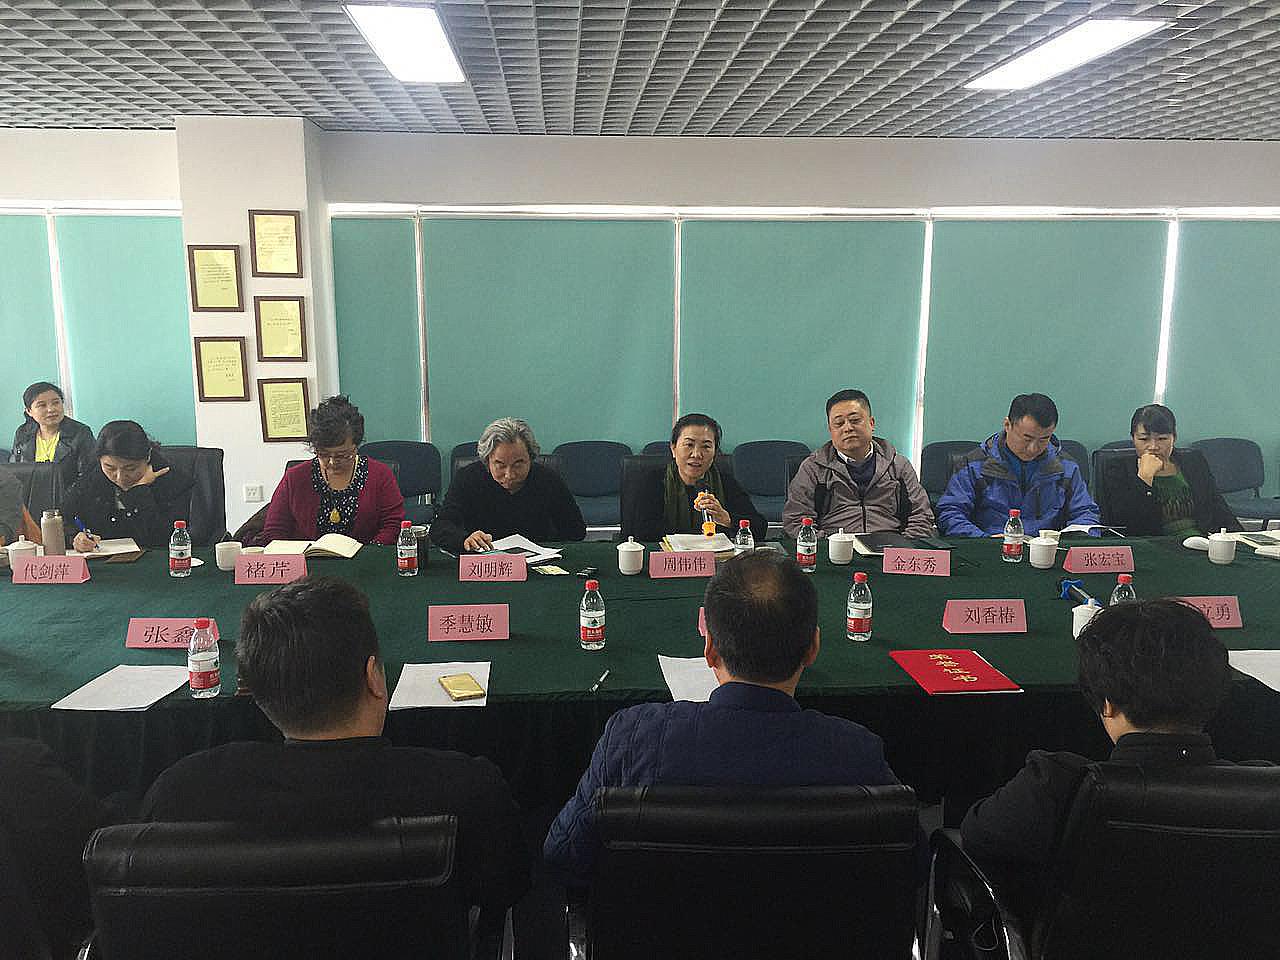 大连出版社召开2016图书印制质量总结表彰会